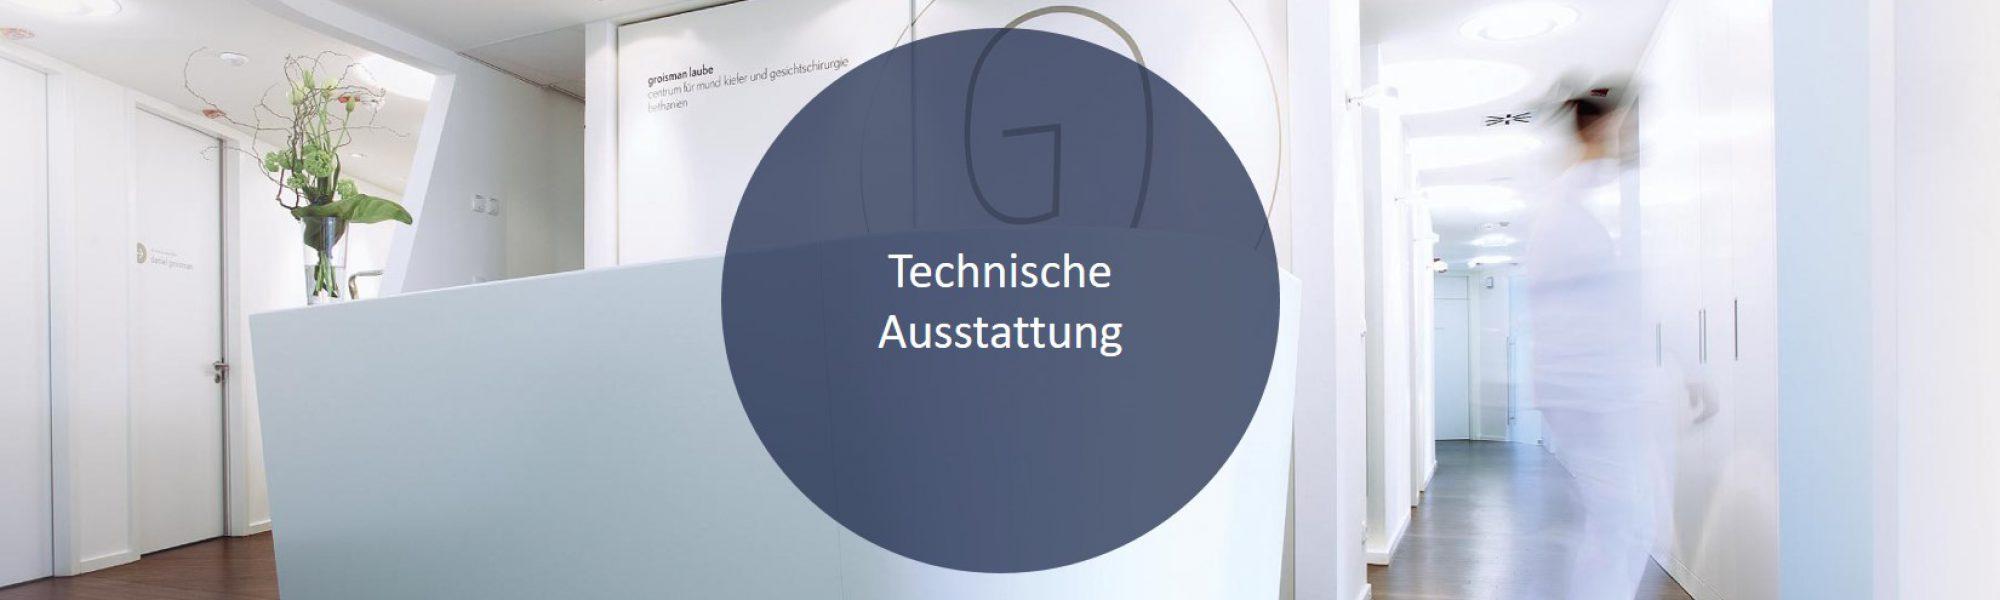 Die Technische Ausstattung der Praxis von Groisman & Laube